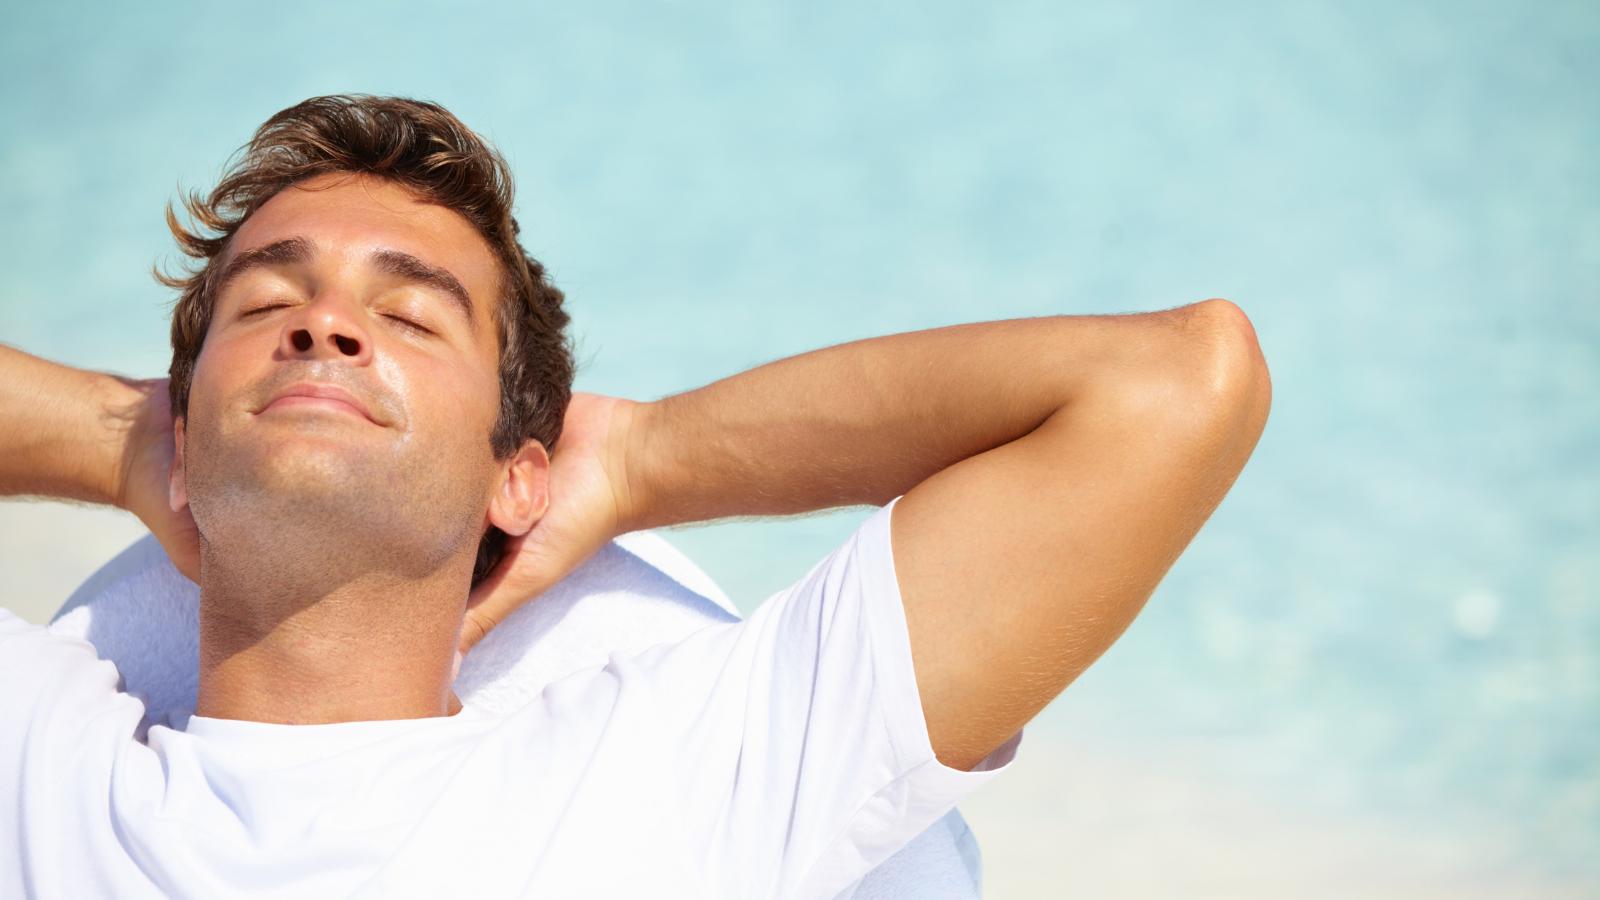 Desligar do trabalho durante as férias, férias tranquilas